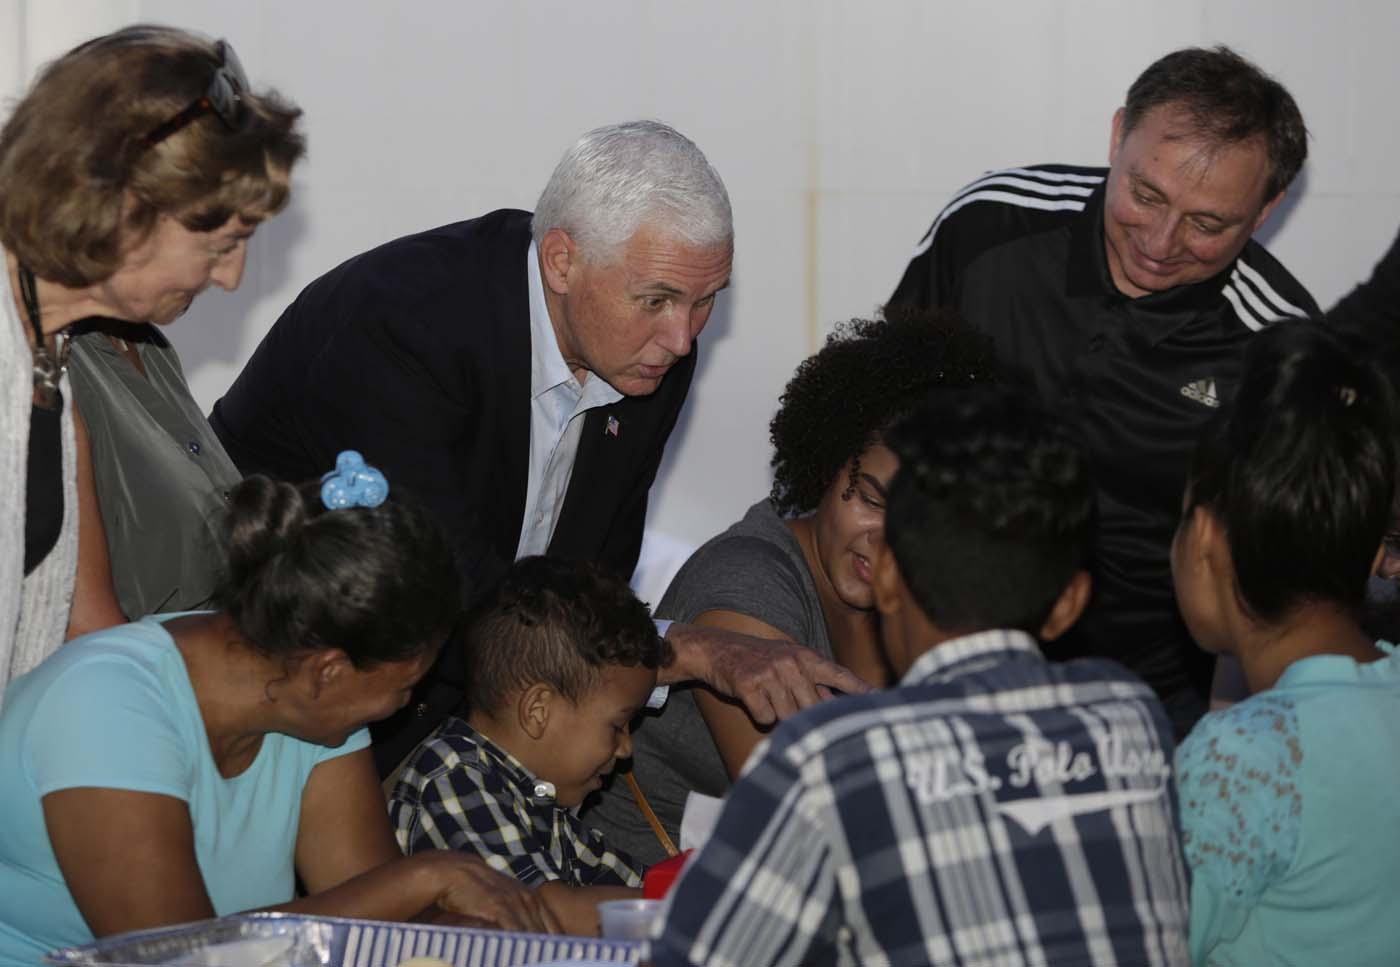 Vicepresidente Pence viaja a Florida para reunirse con exilio venezolano